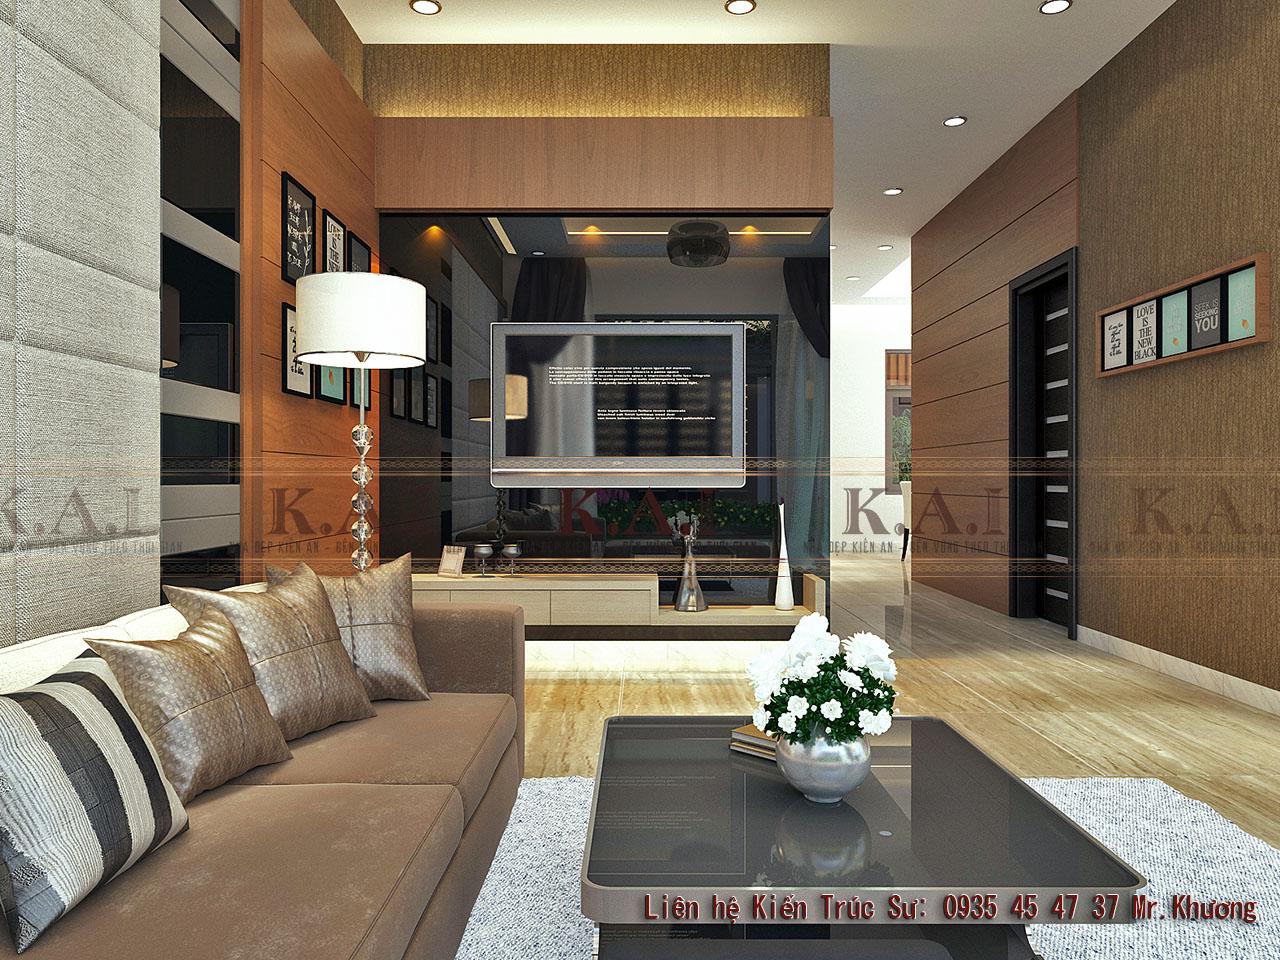 Thiết kế nội thất nhà biệt thự hiện đại 3 tầng tại Hải Phòng